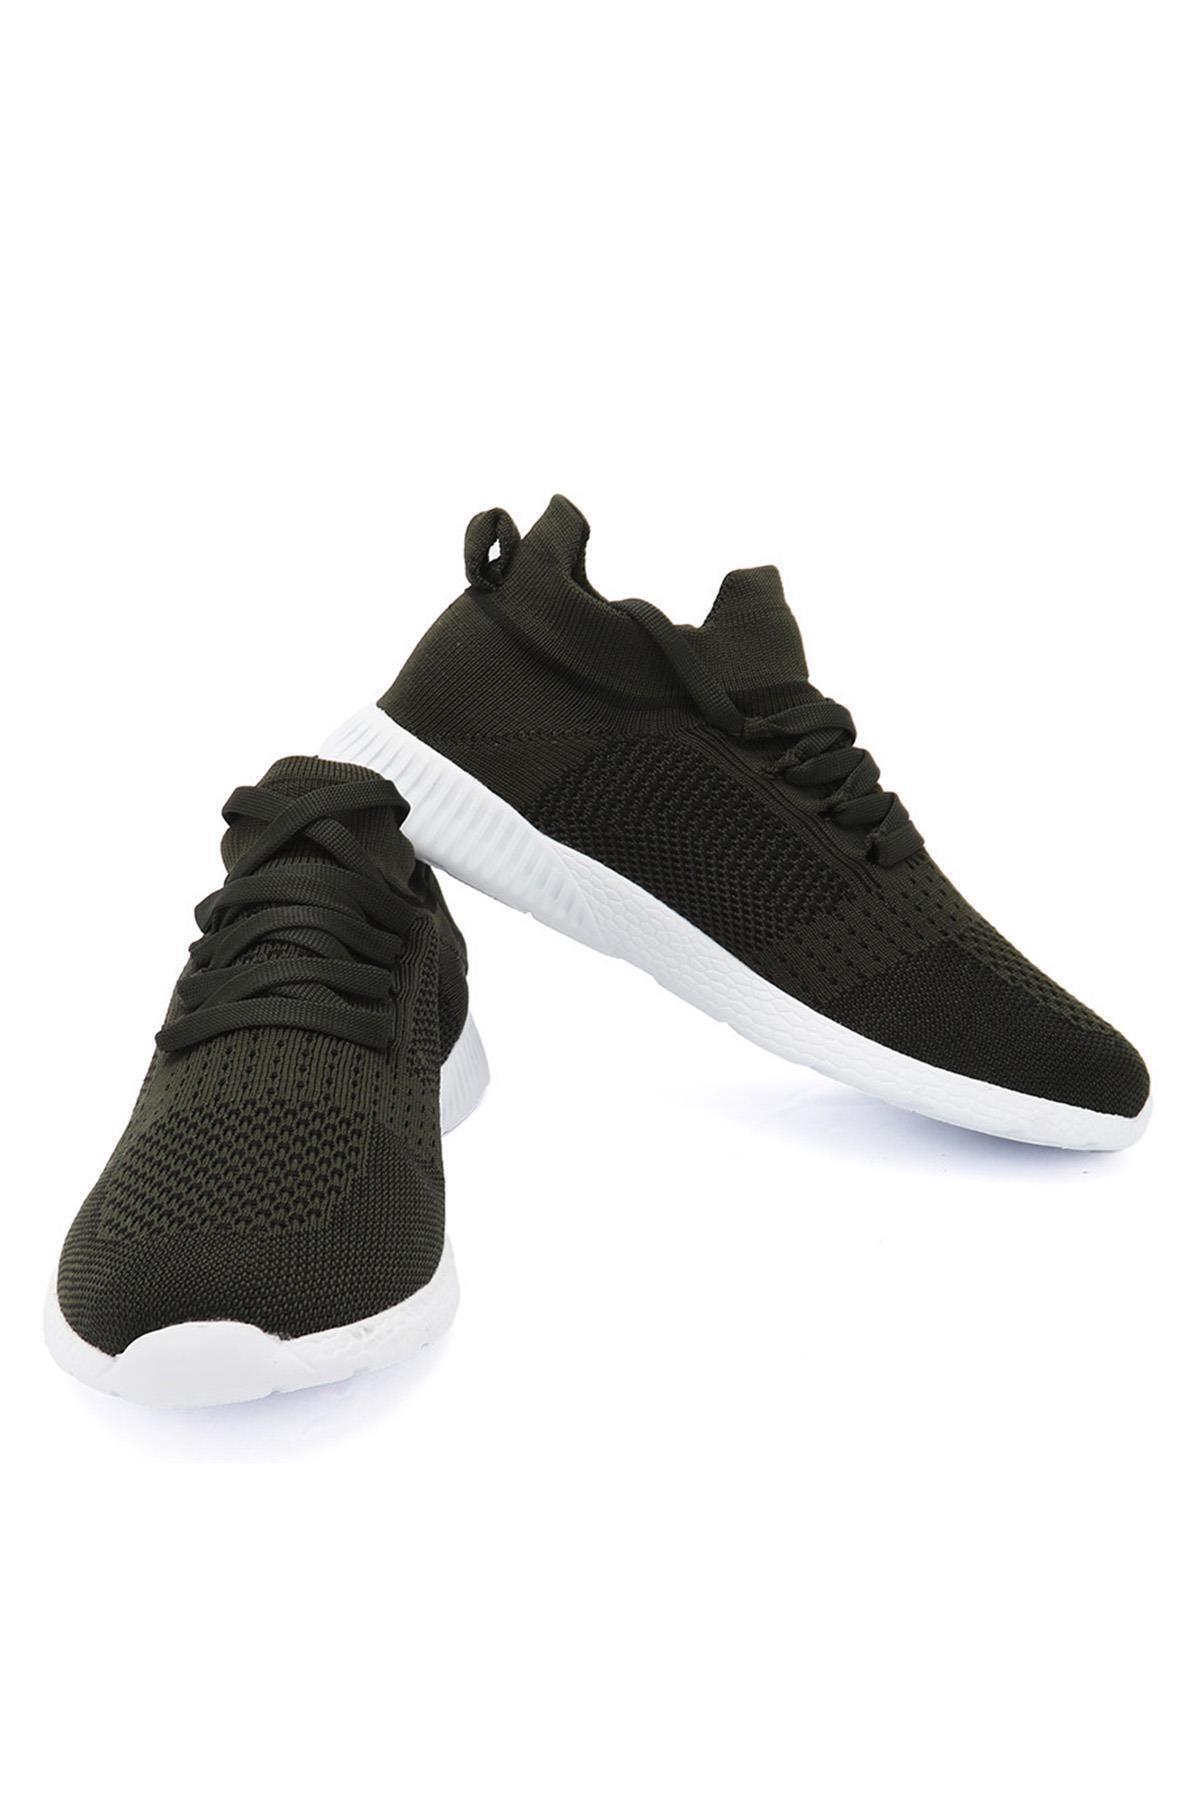 LETOON 2029 Erkek Günlük Ayakkabı 1